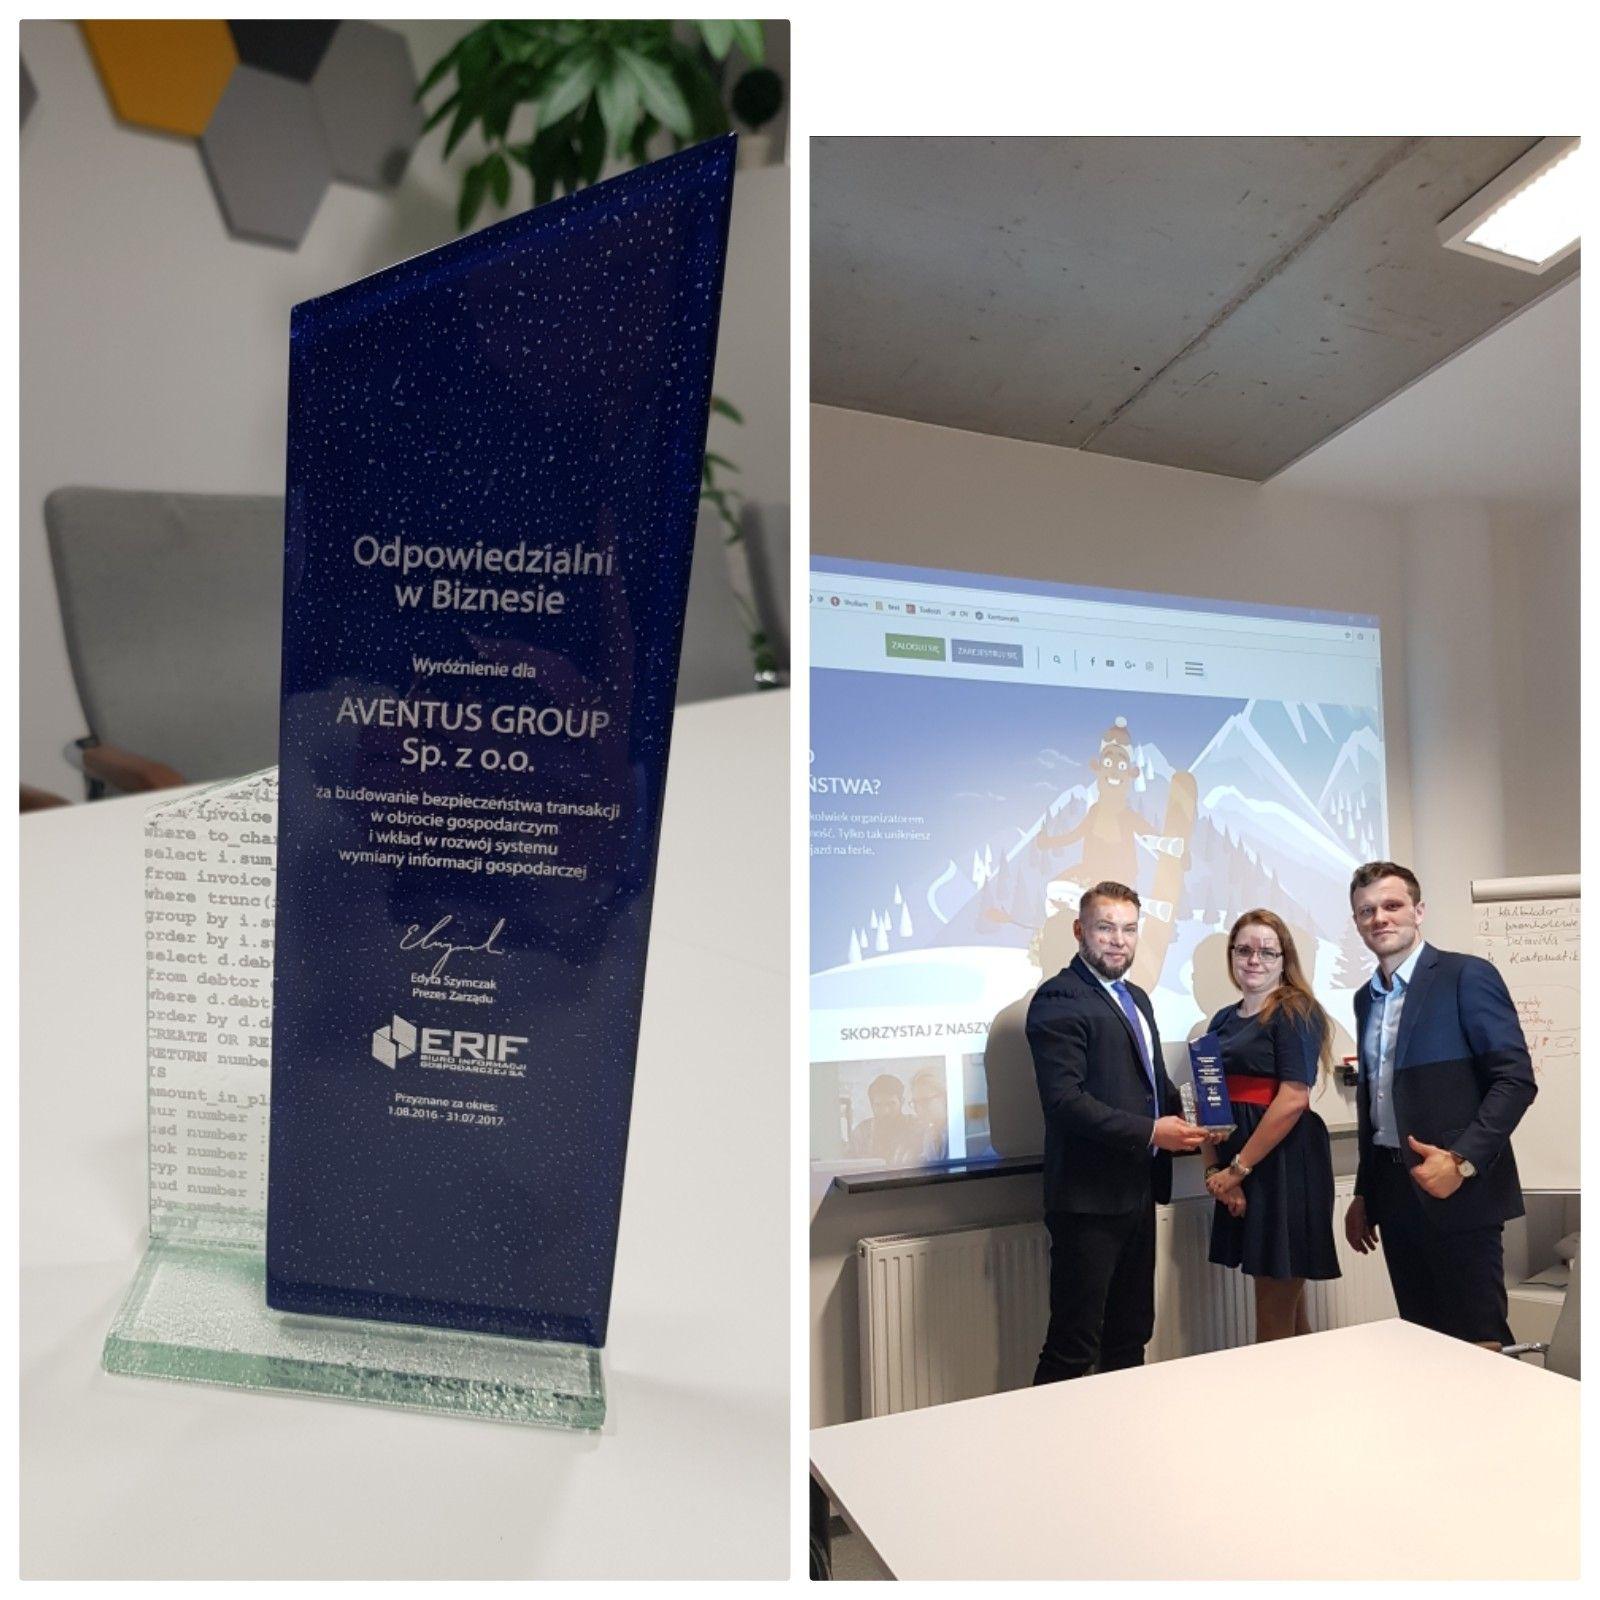 Firma Aventus Group wyróżniona certyfikatem 'Odpowiedzialni w biznesie'